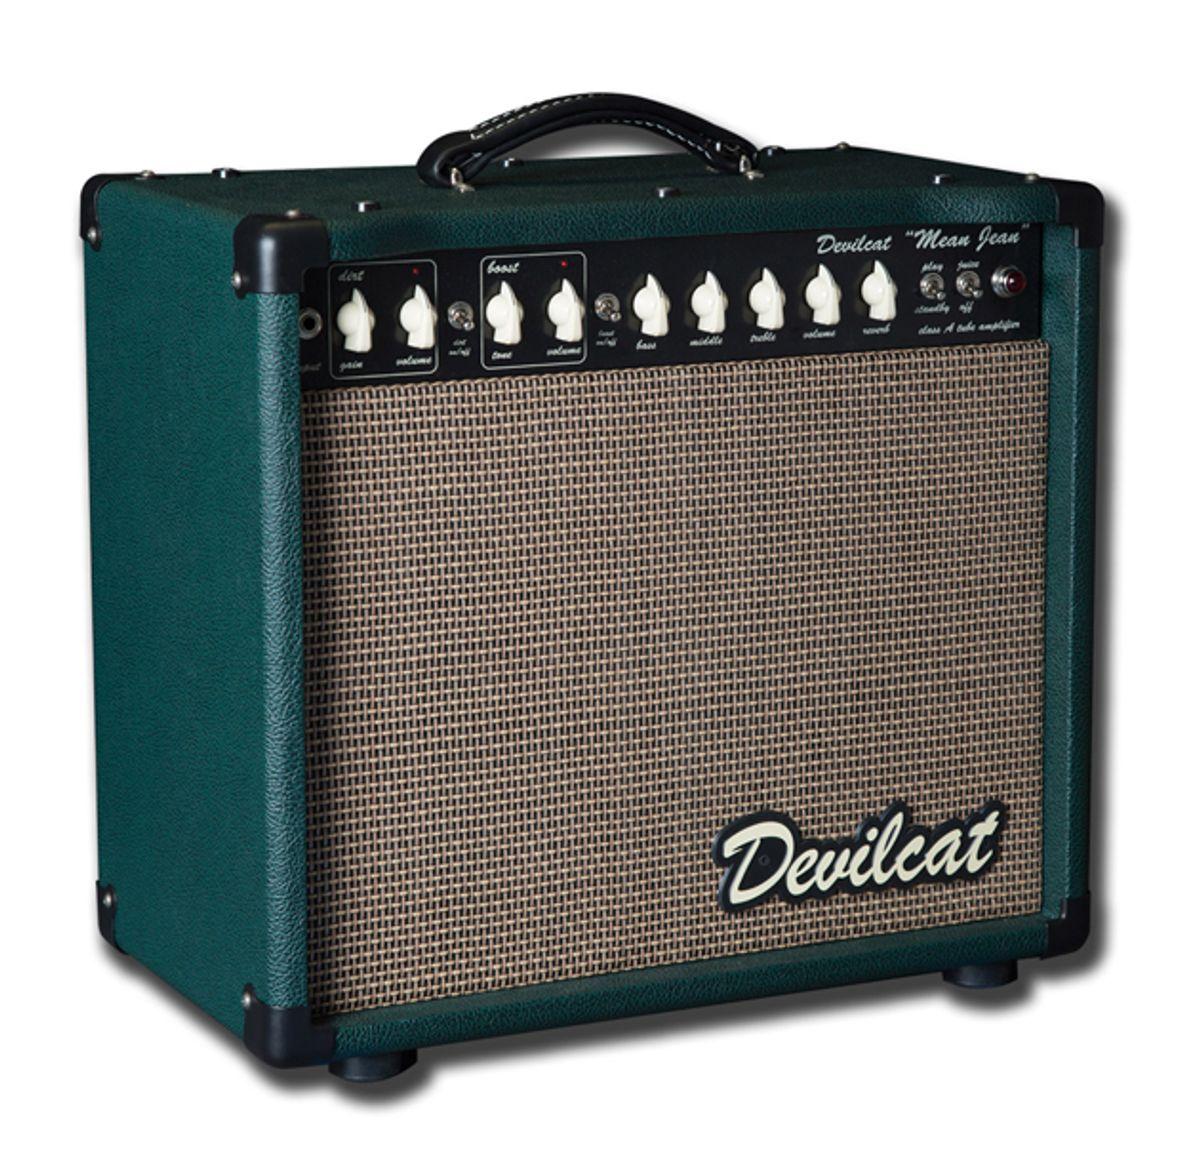 Devilcat Amps Launches Jean Series